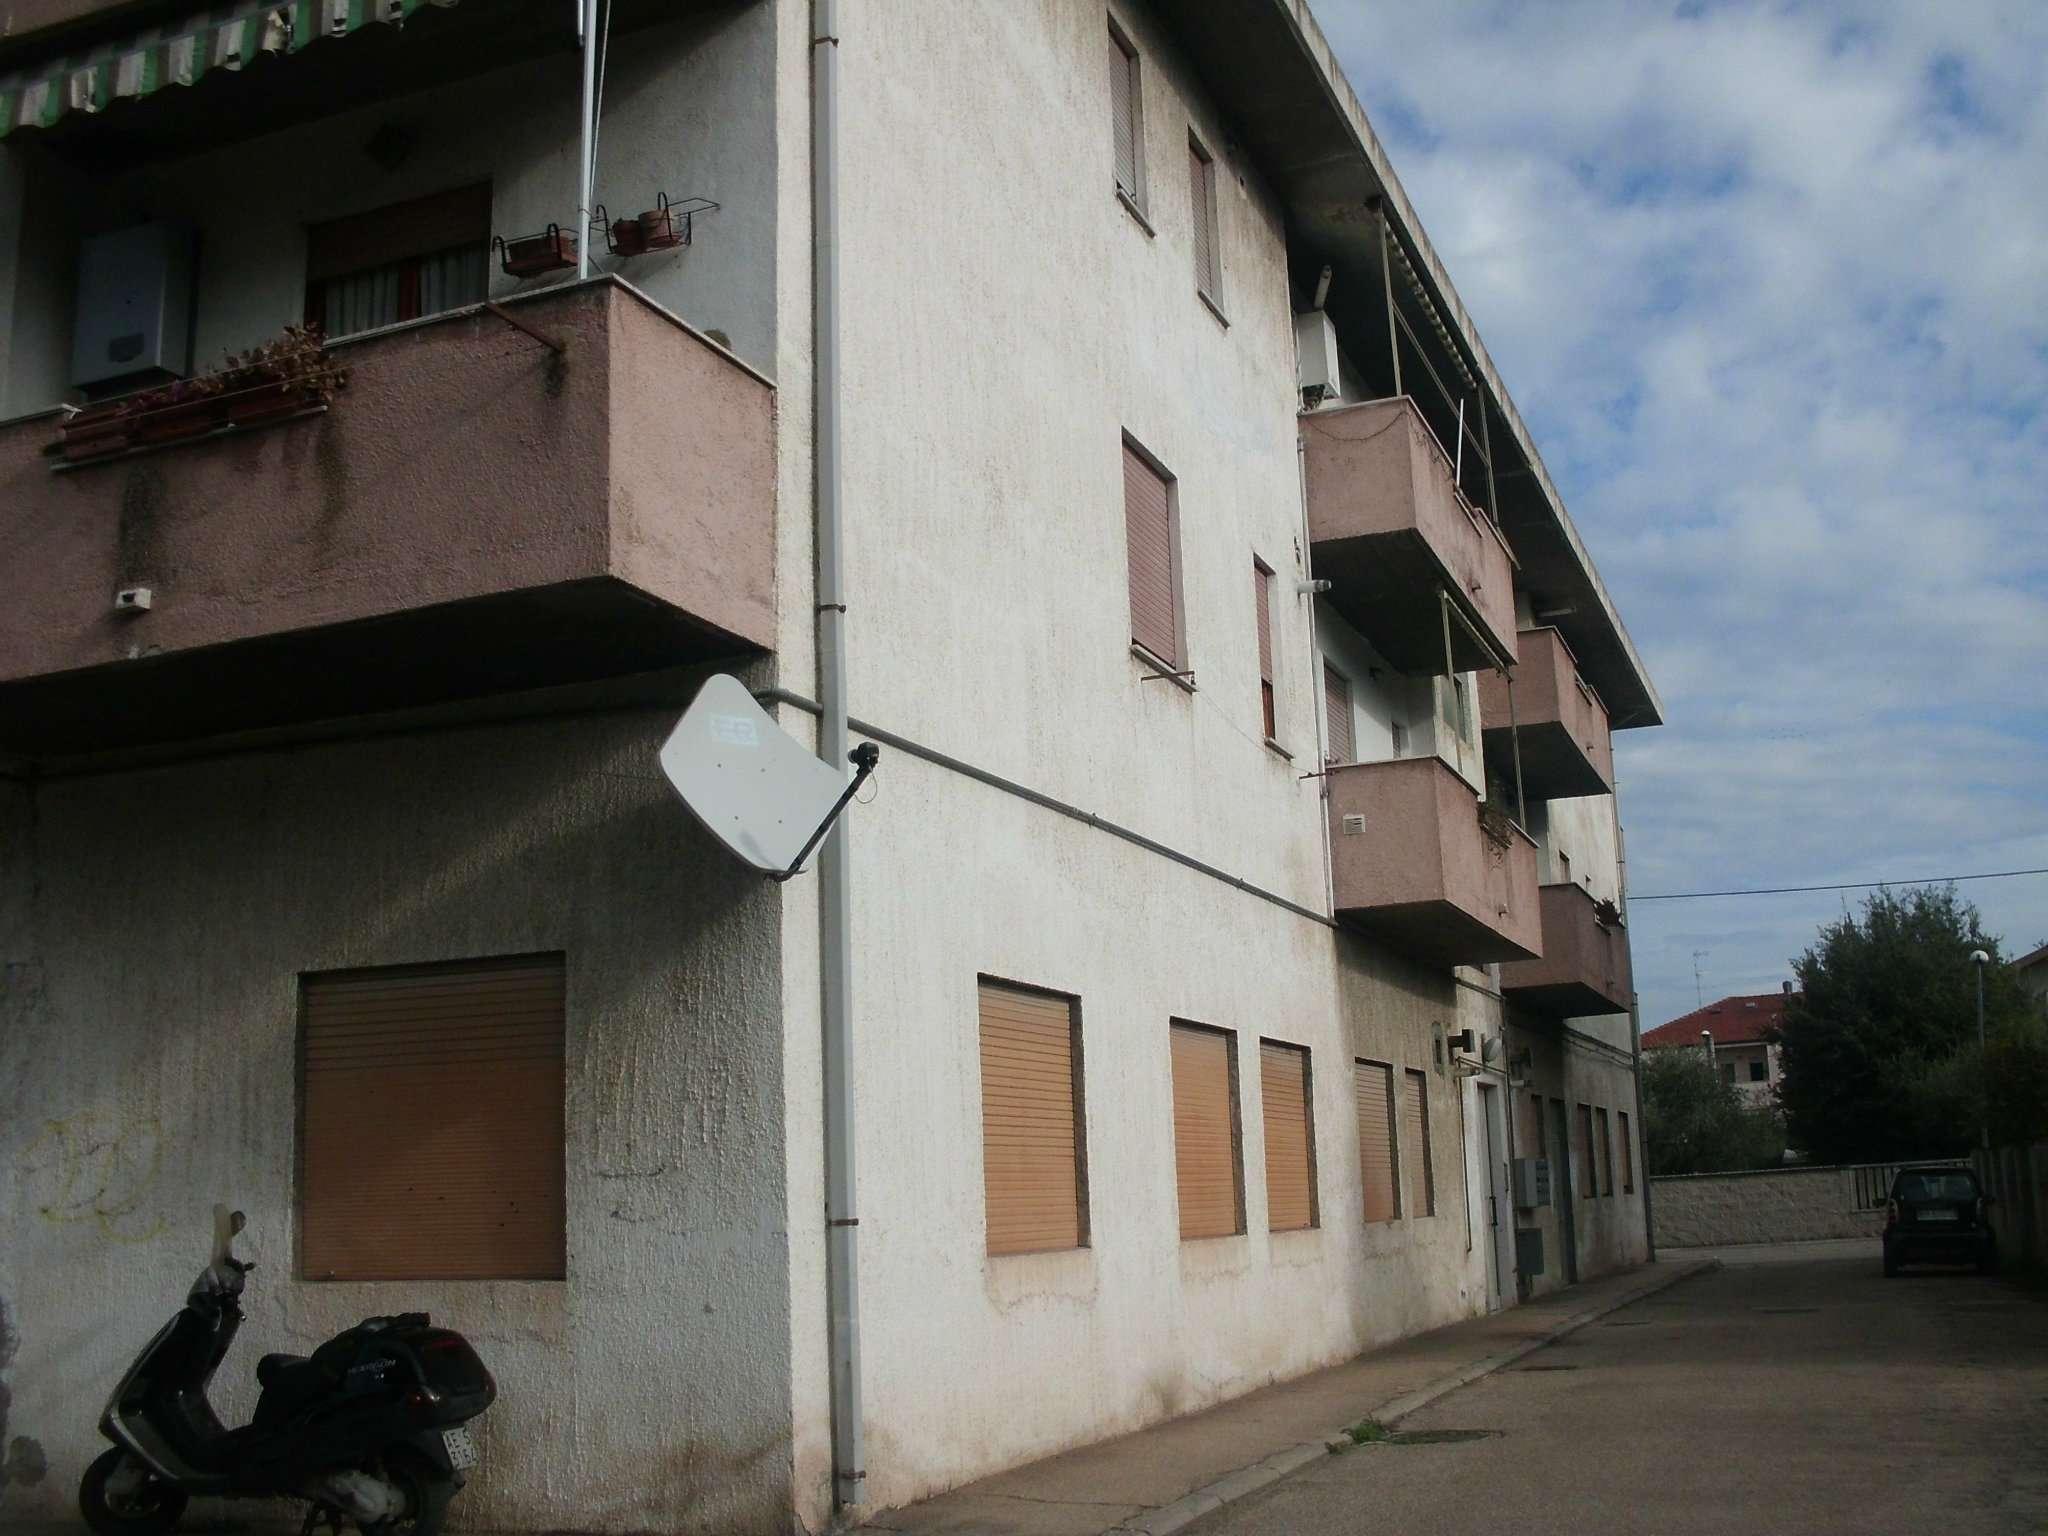 Attico / Mansarda in affitto a Montesilvano, 1 locali, prezzo € 45.000 | CambioCasa.it